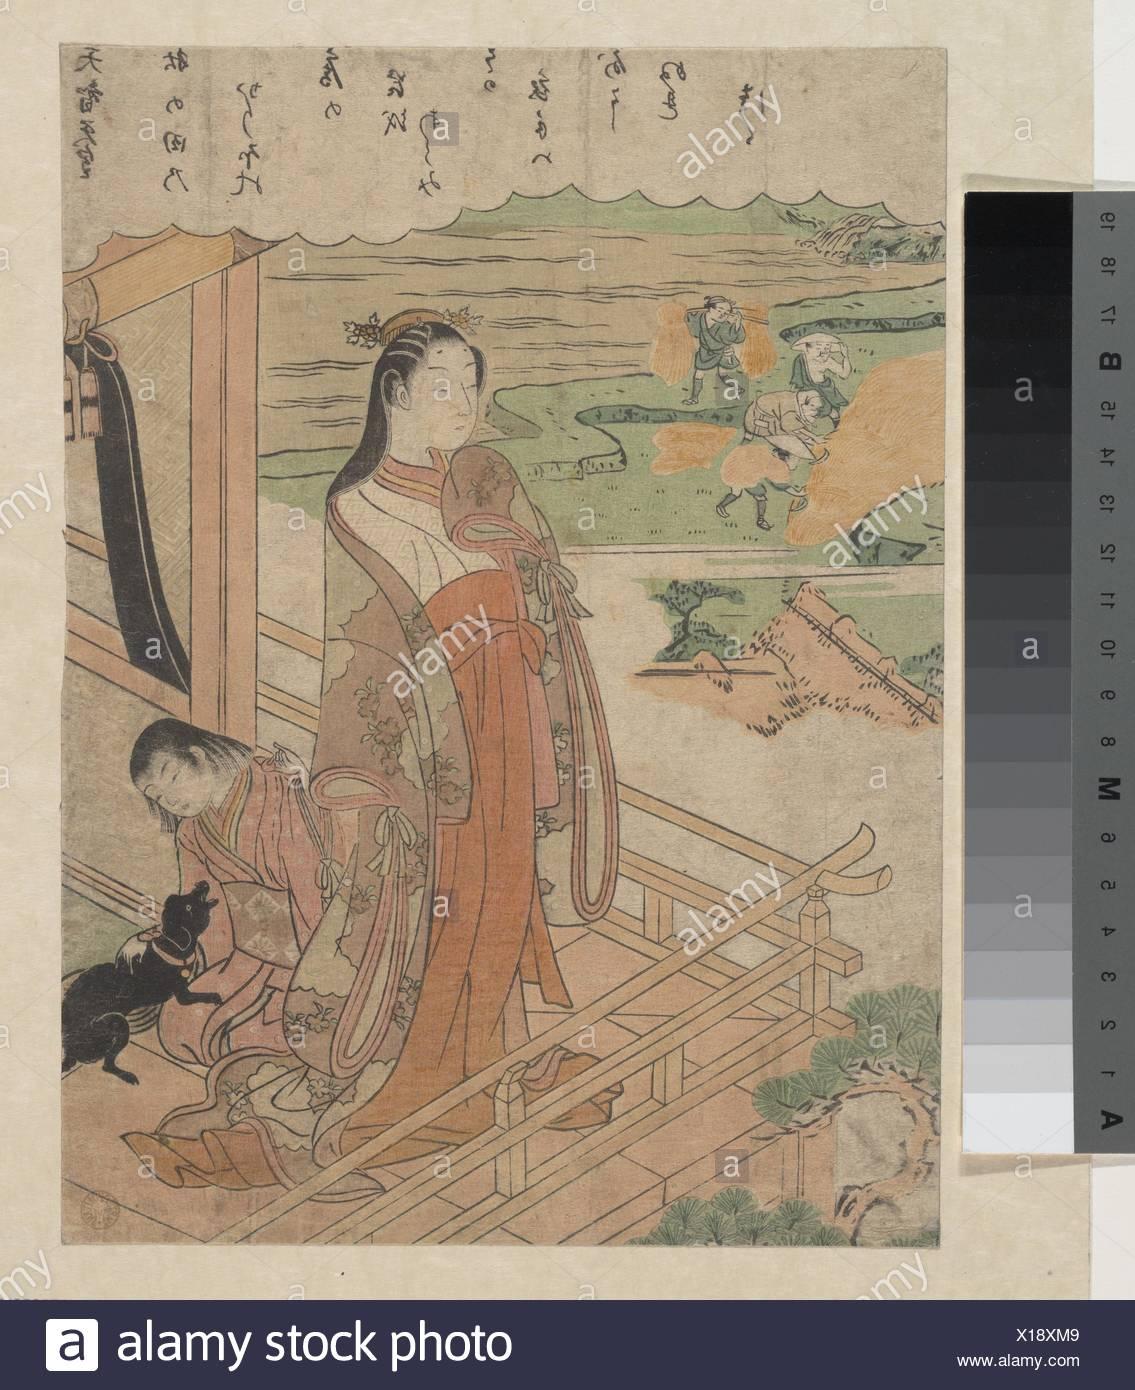 Ç™¾äººä' 逦-À€å¤©ae™ºå¤©çš‡/simpatia. Artista: Suzuki Harunobu (giapponese, 1725-1770); Periodo: Periodo Edo (1615-1868); data: ca. 1768; Cultura: Giappone; Immagini Stock